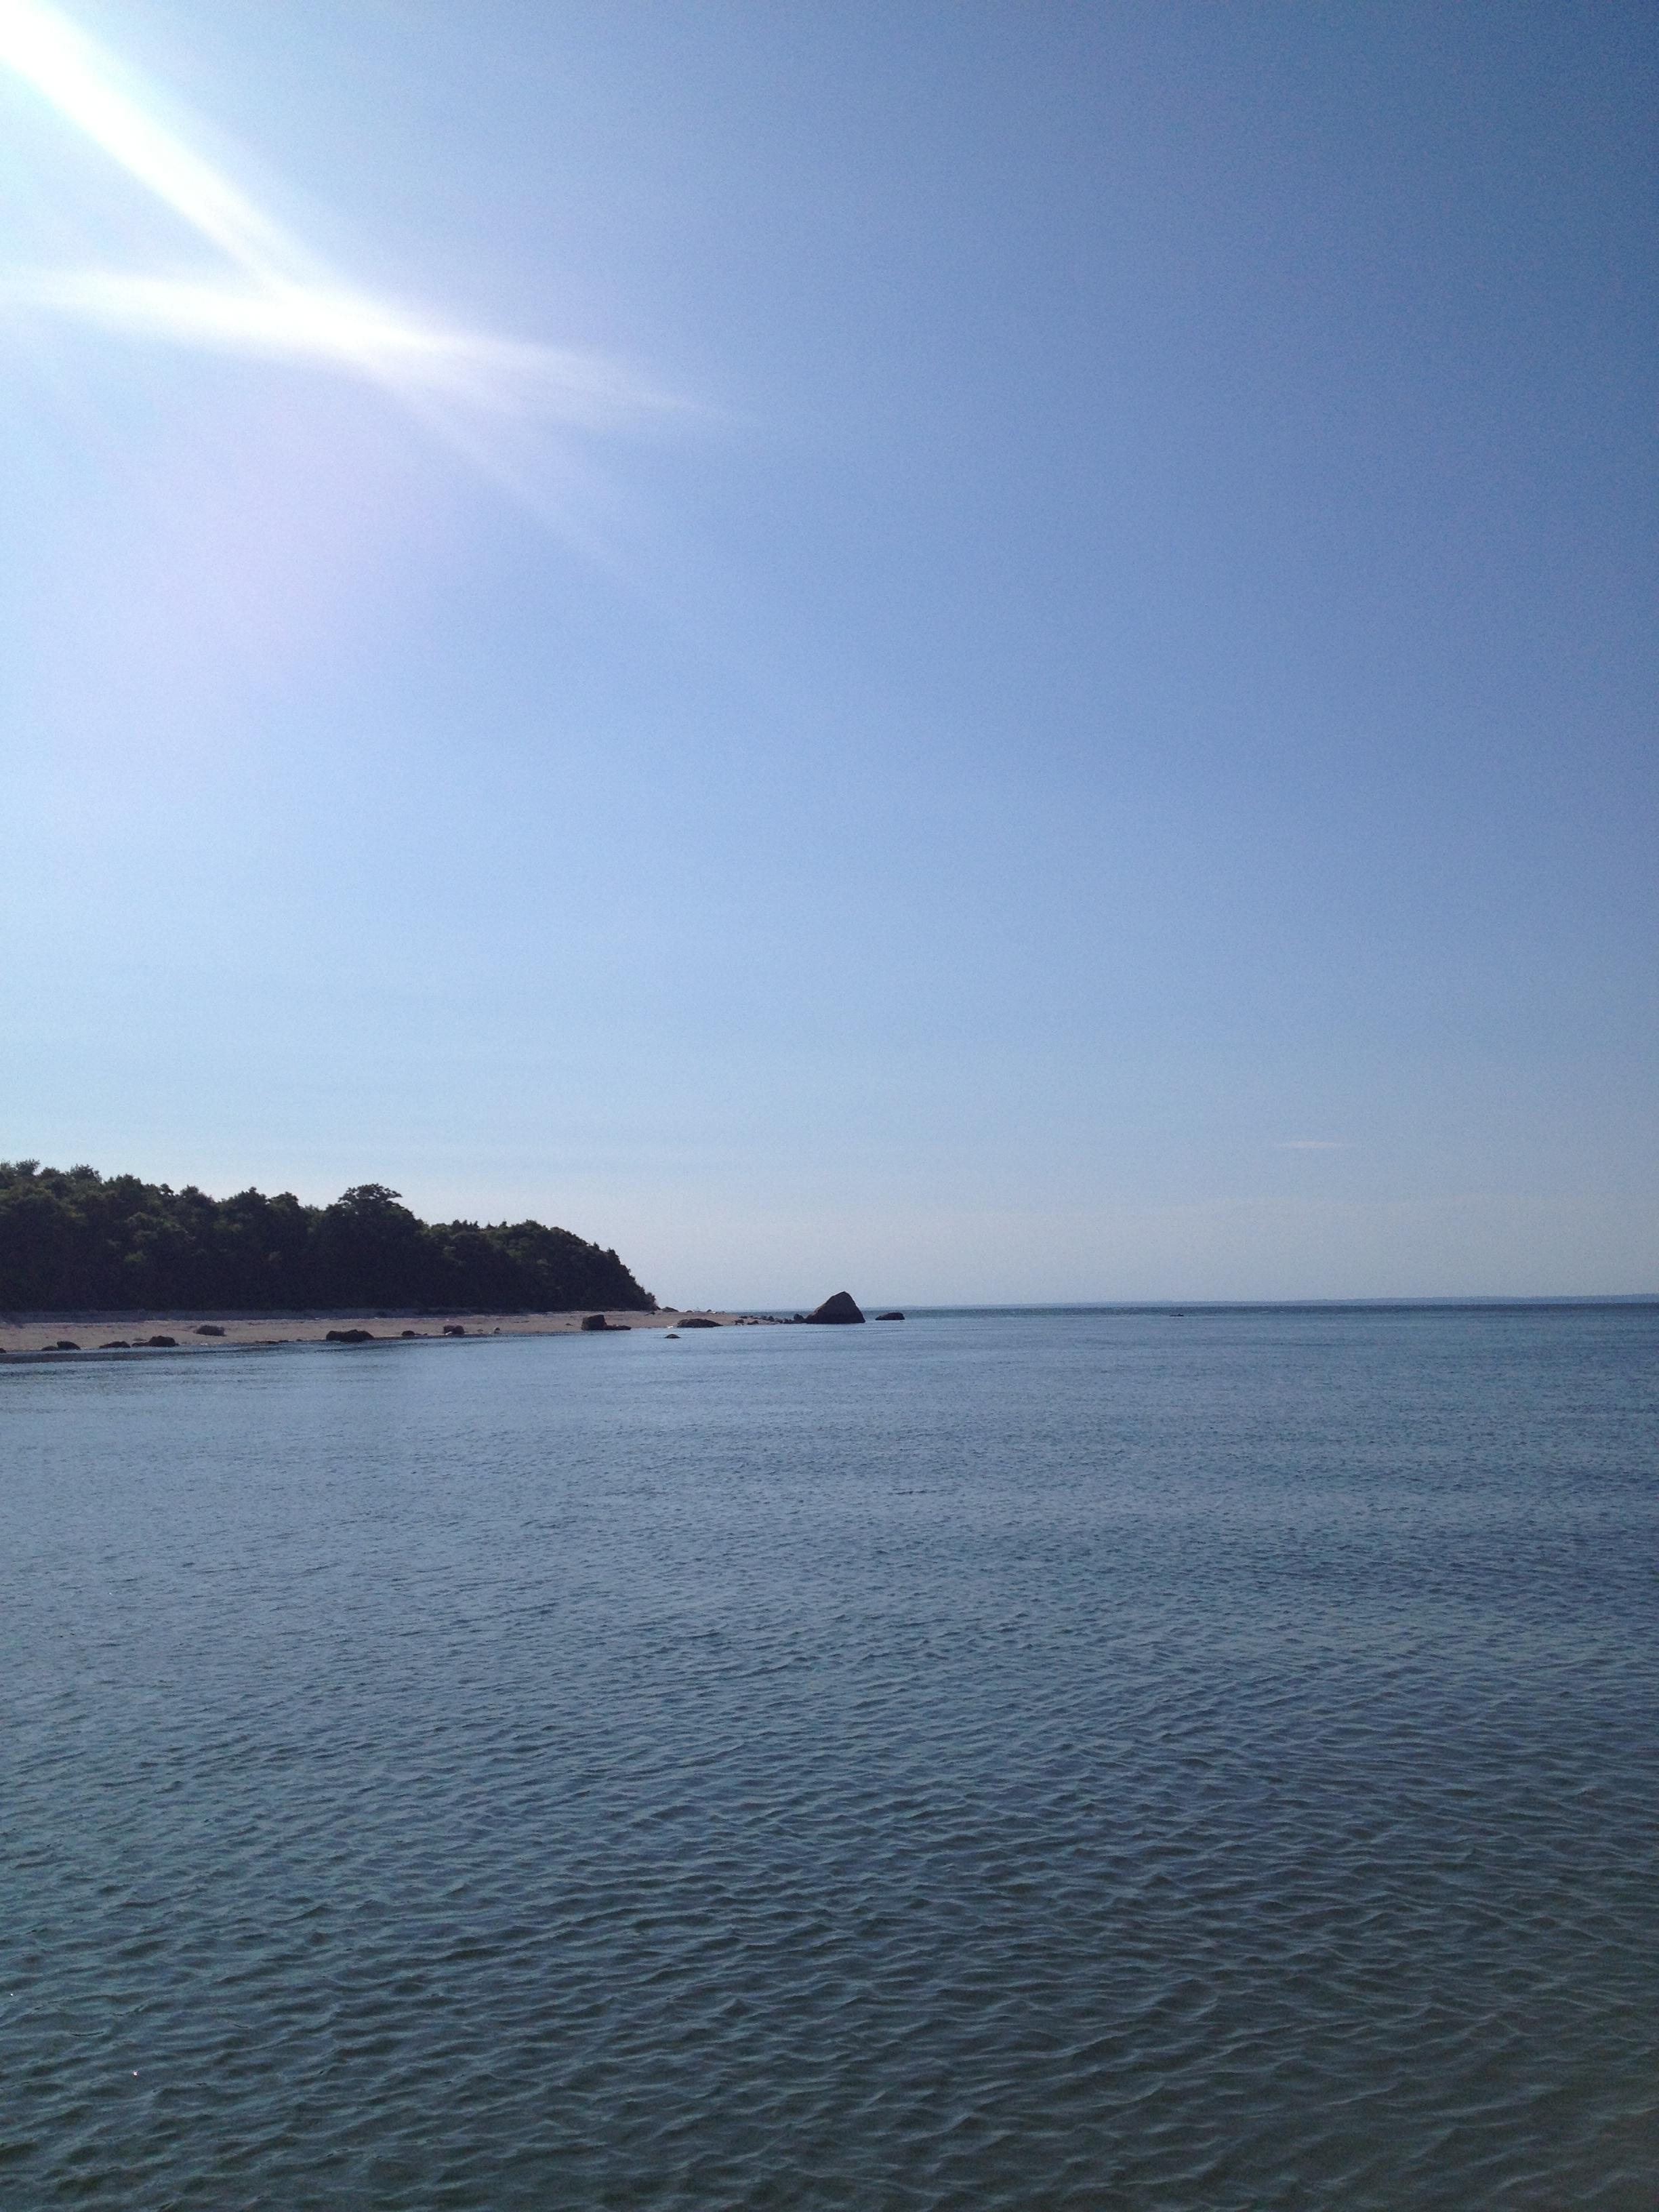 peconic bay